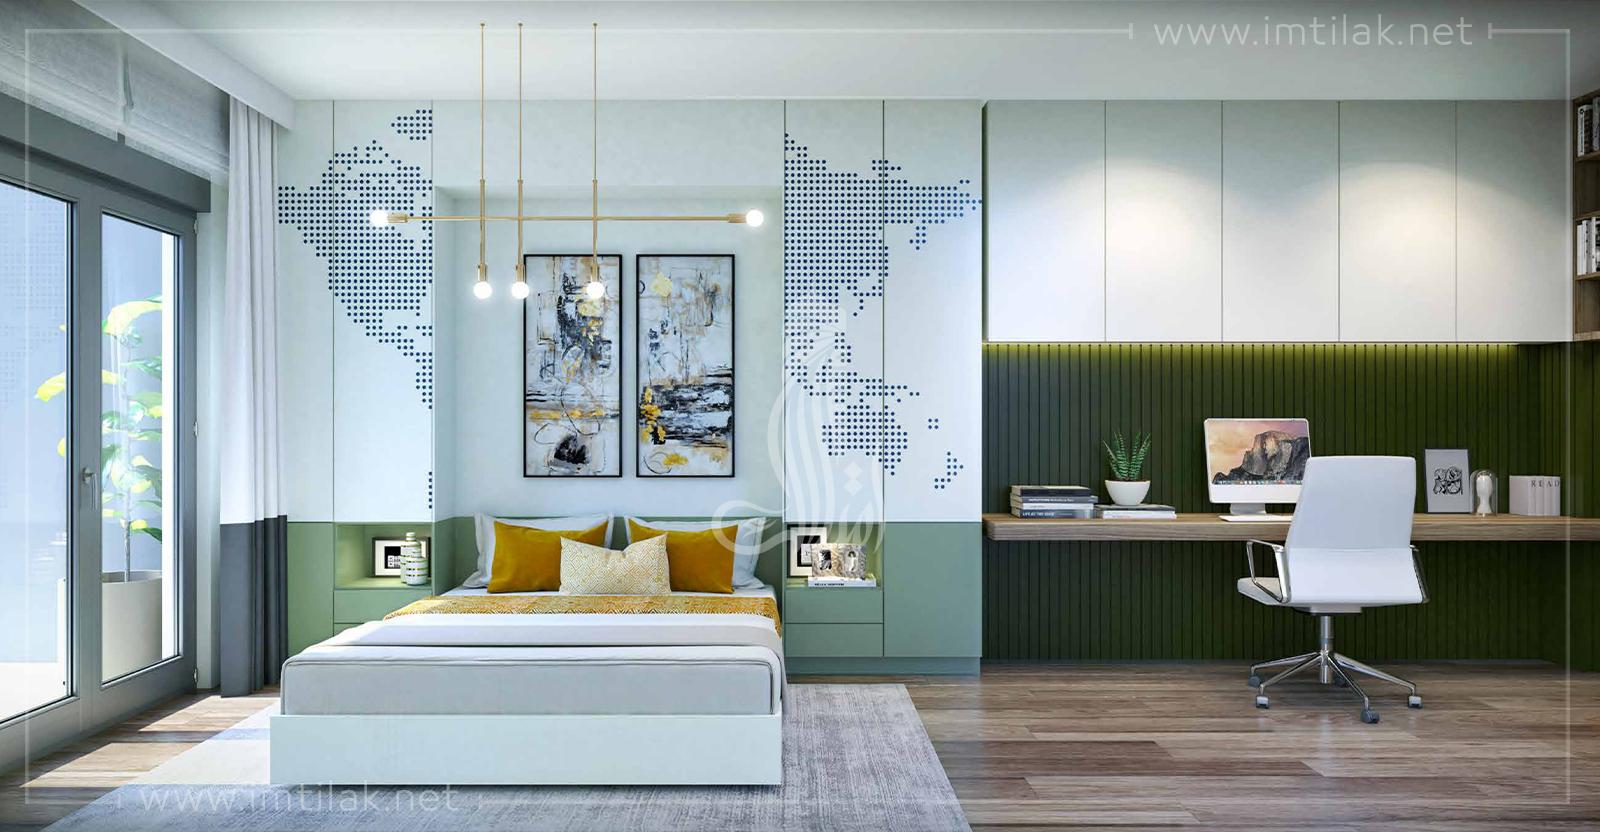 IMT – 750  Résidence Antalya